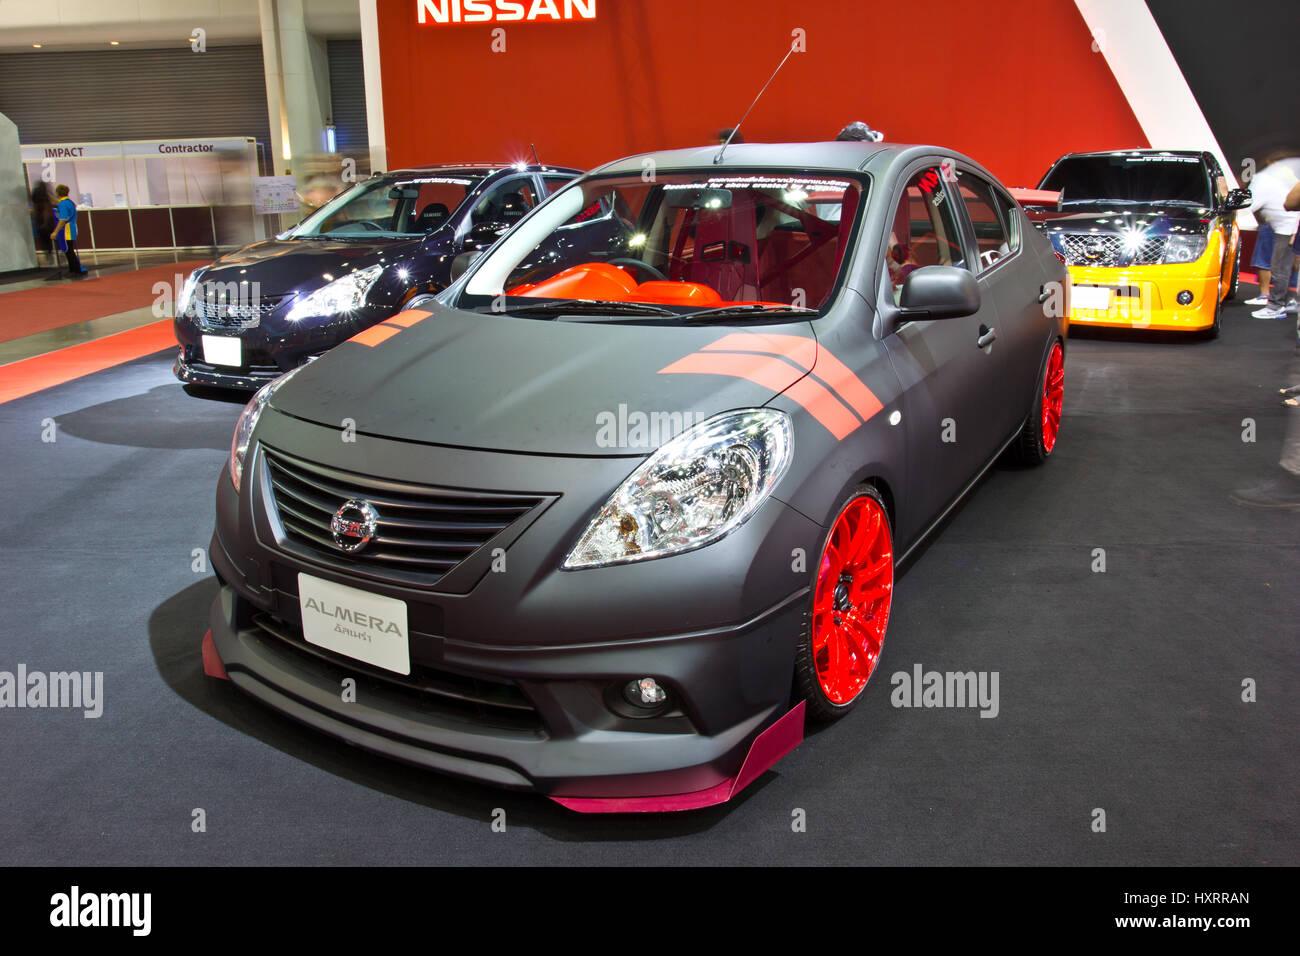 Bangkok June 23 Nissan Almera Show At The Second Bangkok Stock Photo Alamy